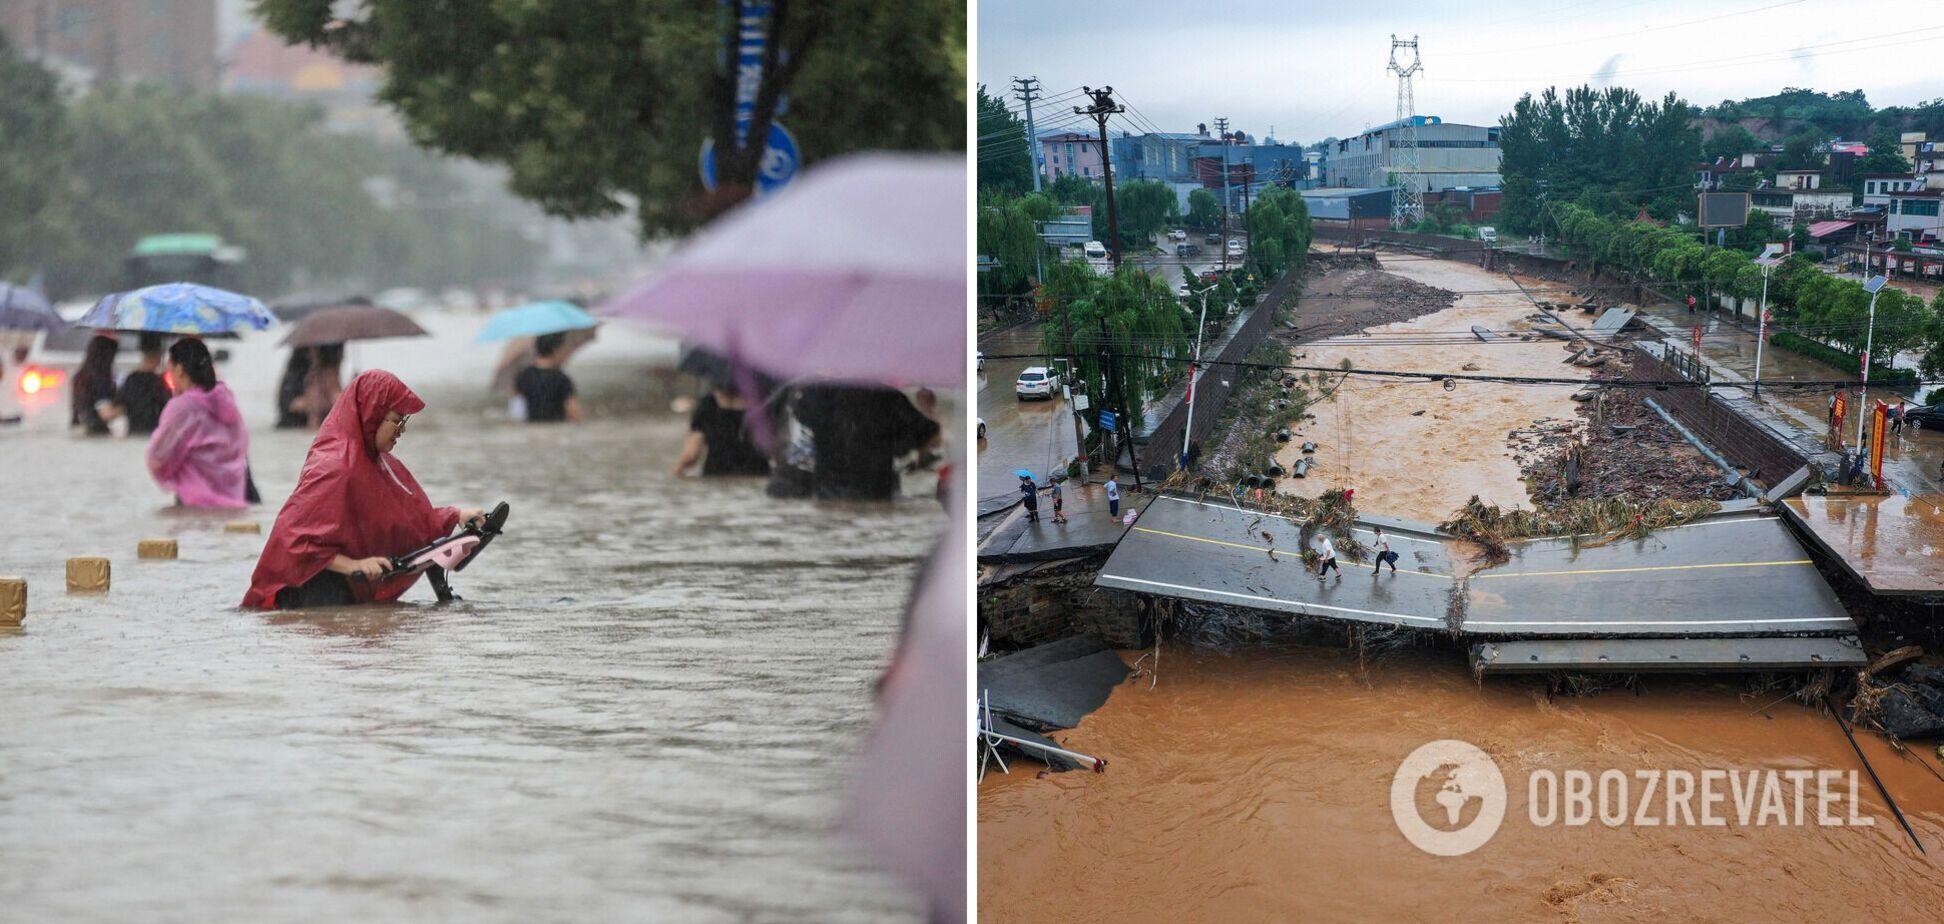 У Китаї внаслідок повені загинули 33 особи, ураган в Індонезії забрав 24 життя. Фото і відео